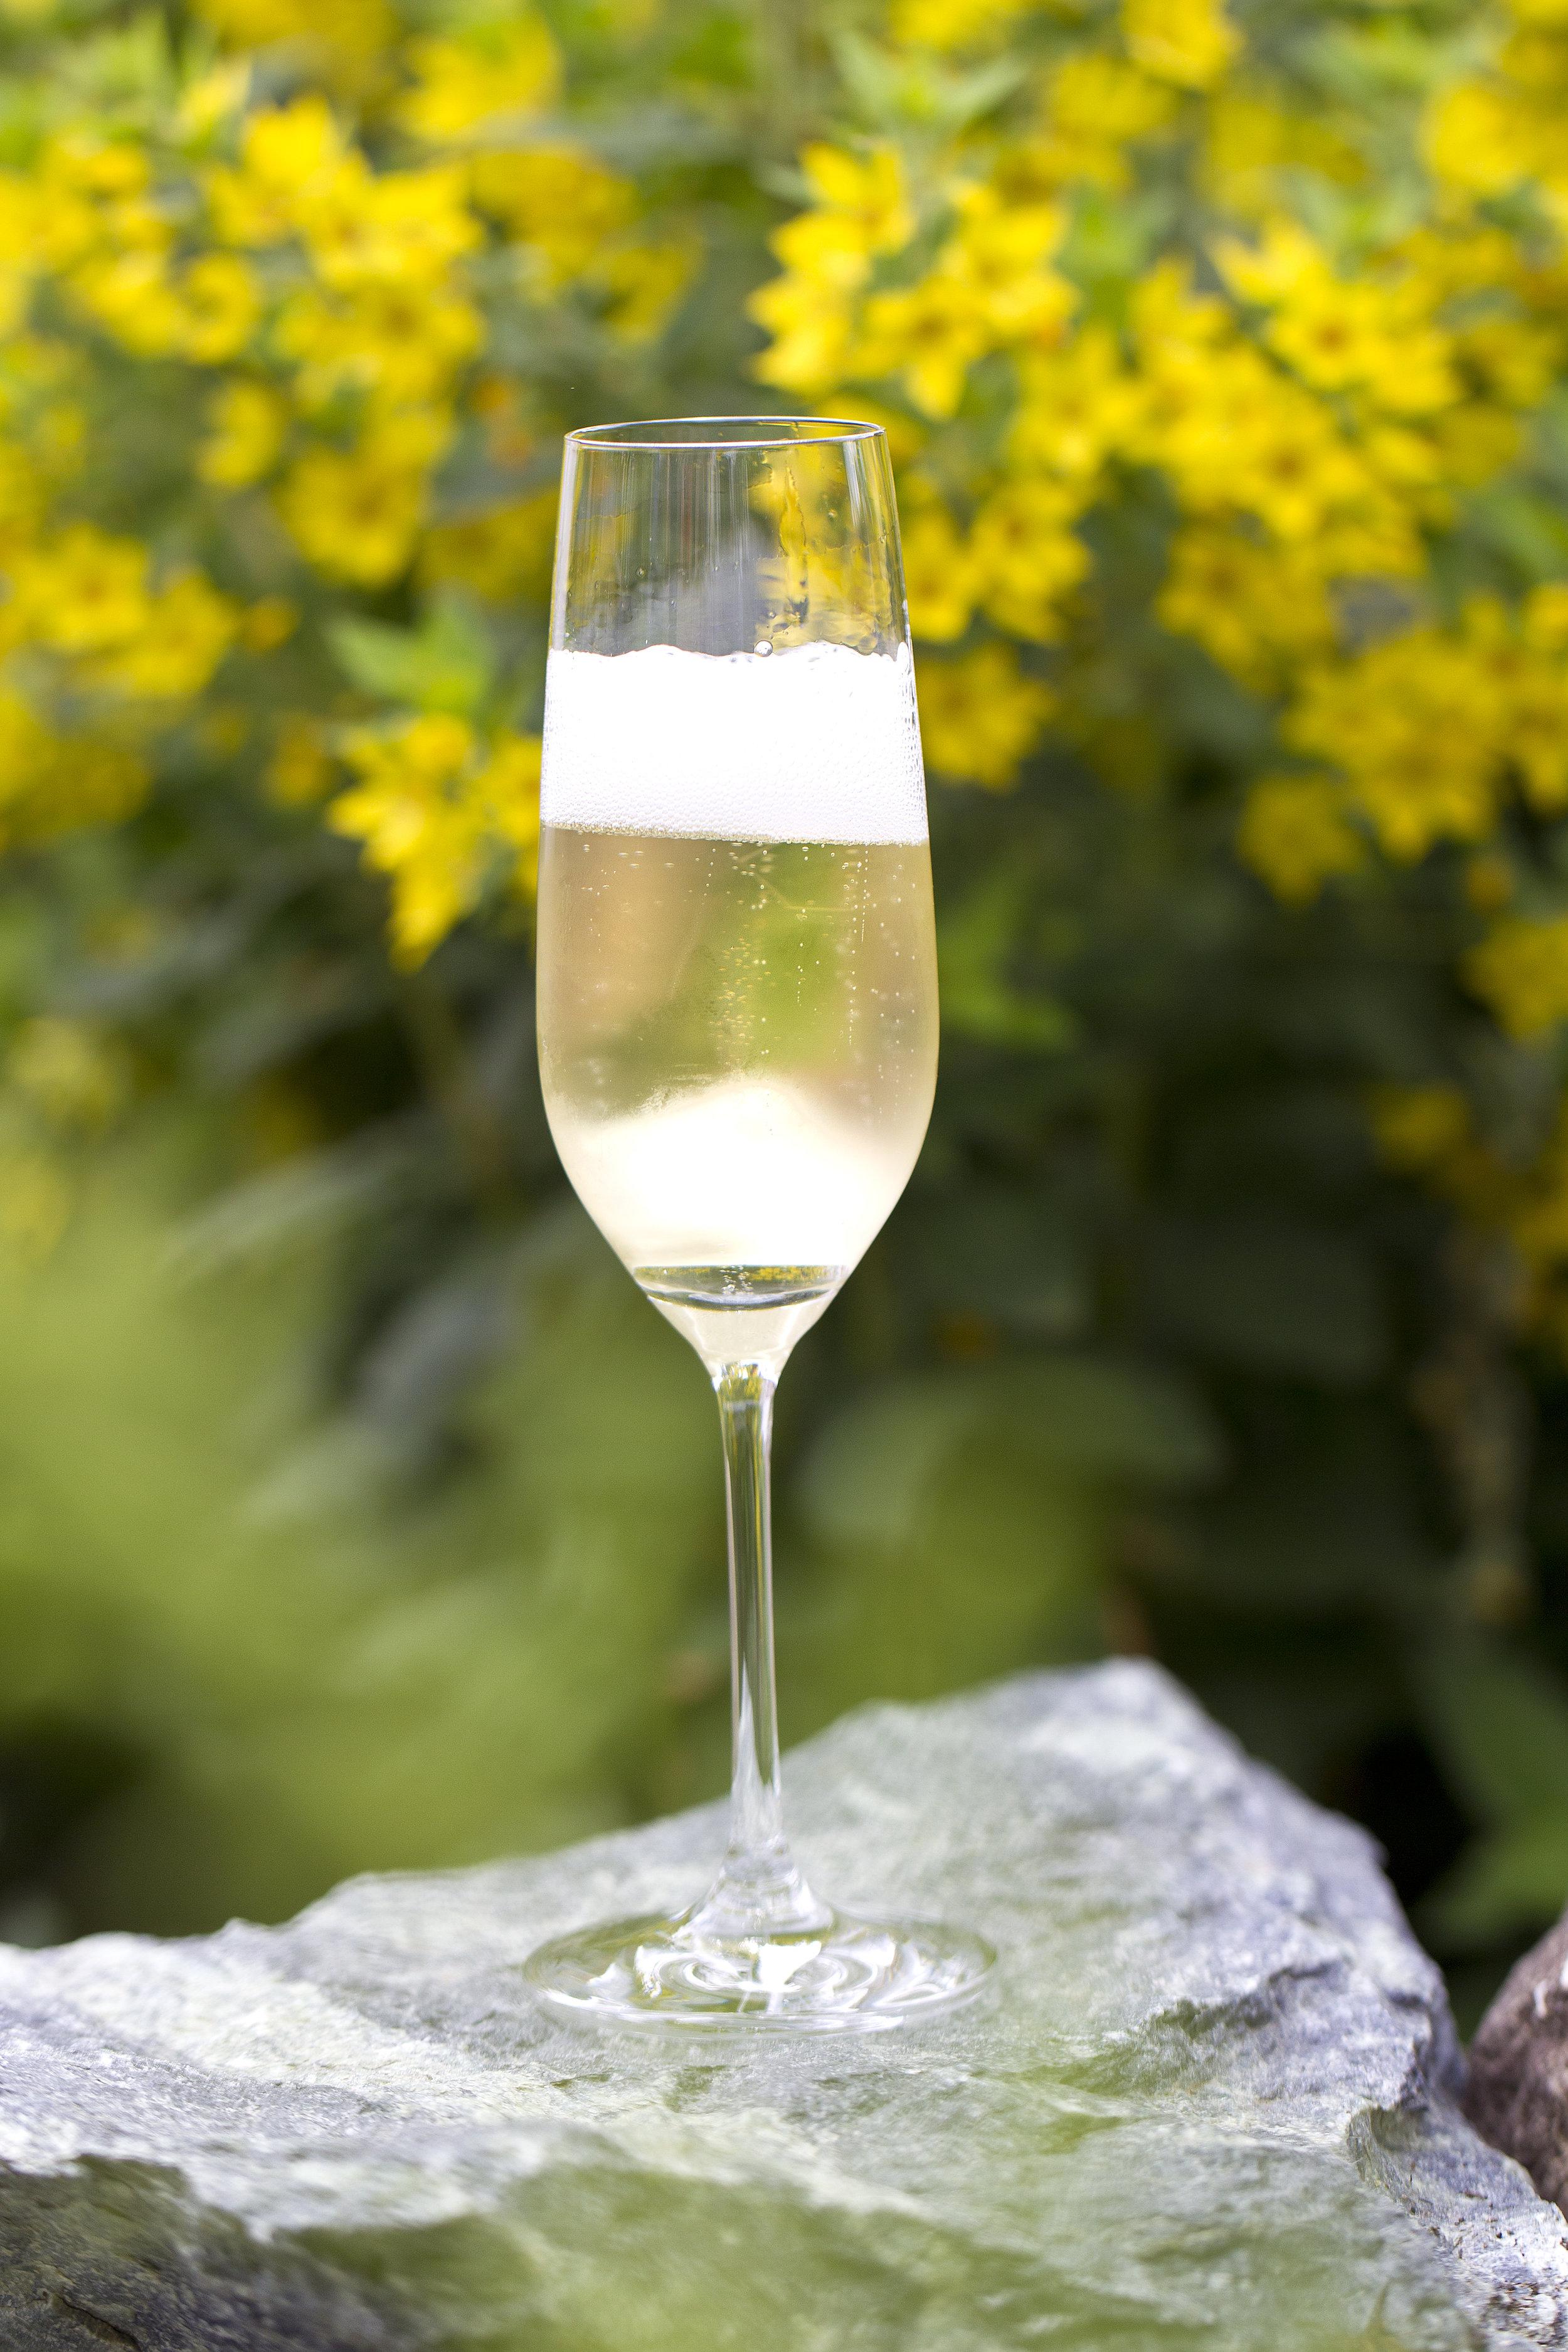 Secco Frizzante weiß GLERA VENEZIE IGT - Unser hochwertiger SECCO ist ein wunderbarer Apéritif, das perfekte Getränk für unbeschwerte Partys und passt nahezu zu jedem Anlass. Die ehemals als Prosecco-Traube bekannte Rebsorte, heute Glera genannt, gehört zu den ältesten Sorten der berühmten Region Venetien.Die WeinherstellungDie perfekt gereiften Glera-Trauben werden Ende September geerntet und nach der traditionellen Methode zu hoch aromatischem Grundwein verarbeitet. Gemäß dem Charmat-Verfahren erfolgt die Gärung auf der Hefe in großen Stahltanks und der so entstandene FRIZZANTE wird behutsam und ohne Verlust der natürlichen Kohlensäure in 20l-Fässer abgefüllt.Der WeinStrohgelber Glanz und fruchtig-fein im Duft. Knackig frisch, trocken aber dennoch überaus fruchtig präsentiert er sich im Glas. Die wunderbar ausbalancierte Säure macht ihn zu einem sehr angenehmen Appetitanreger.Empfohlene Trinktemperatur: 8-10° C.Alkohol Vol.: 11,0 %